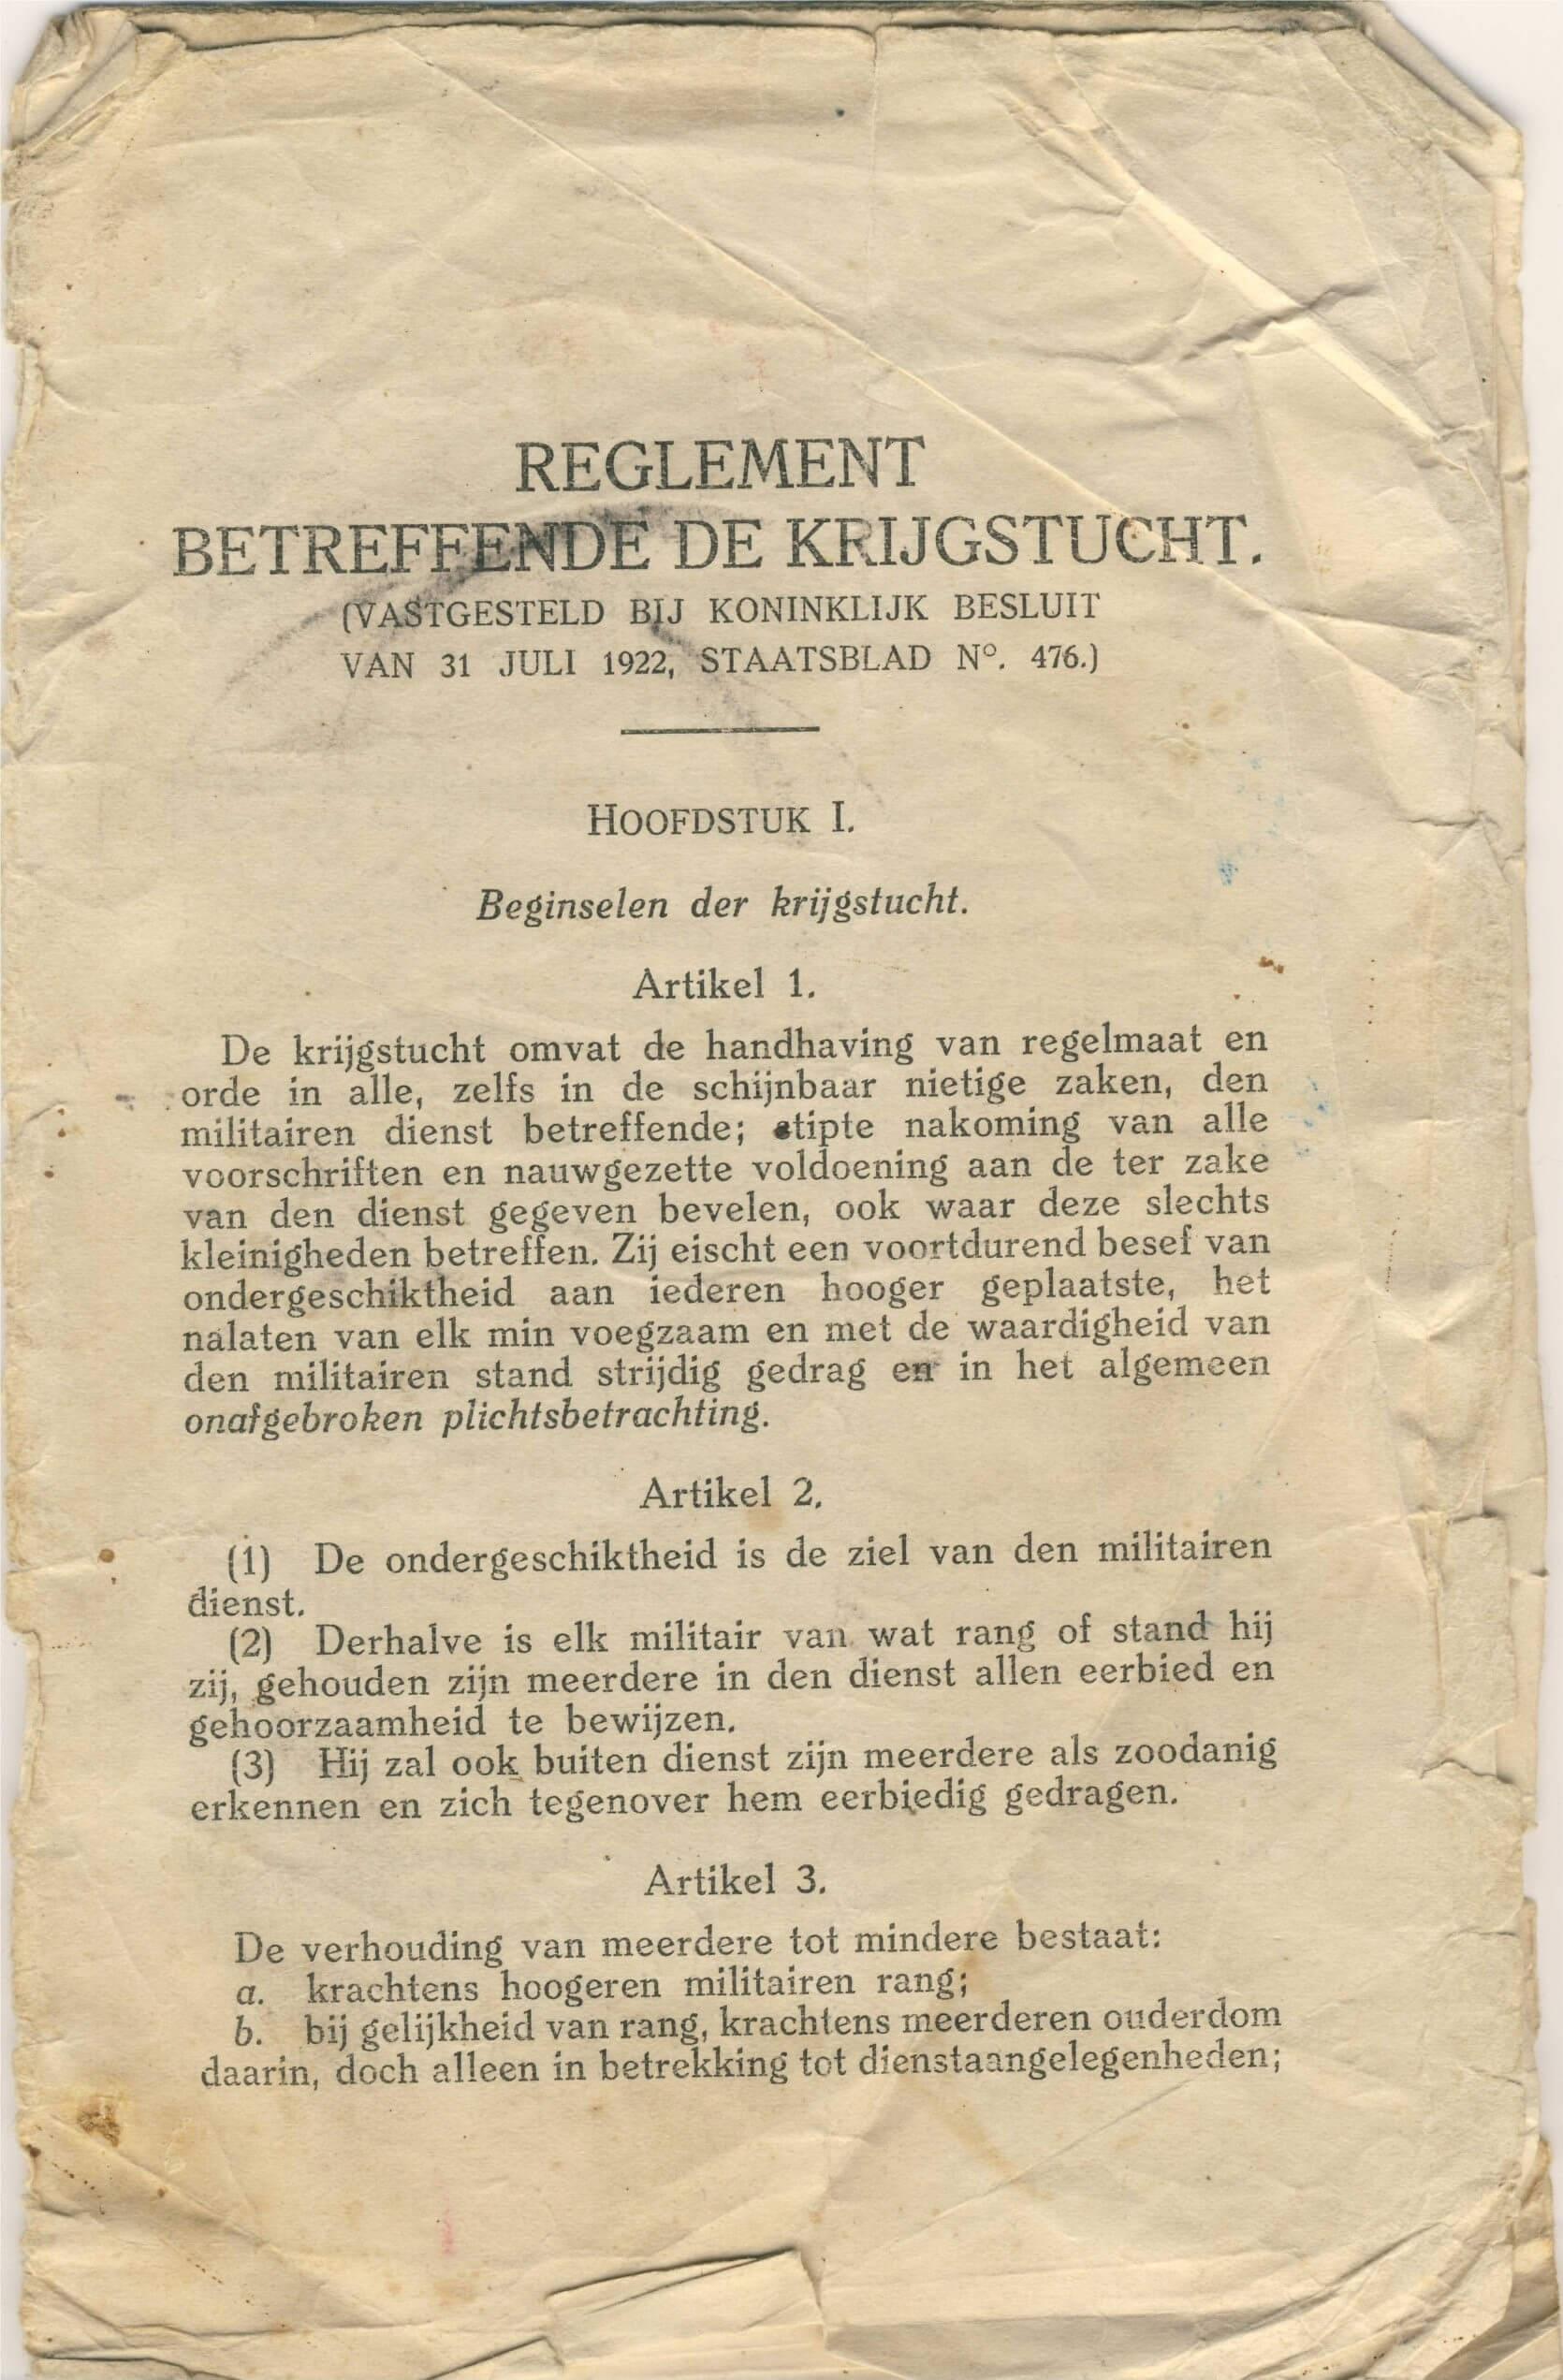 Reglement betreffende de krijgstucht wo2 de tweede wereldoorlog 1940